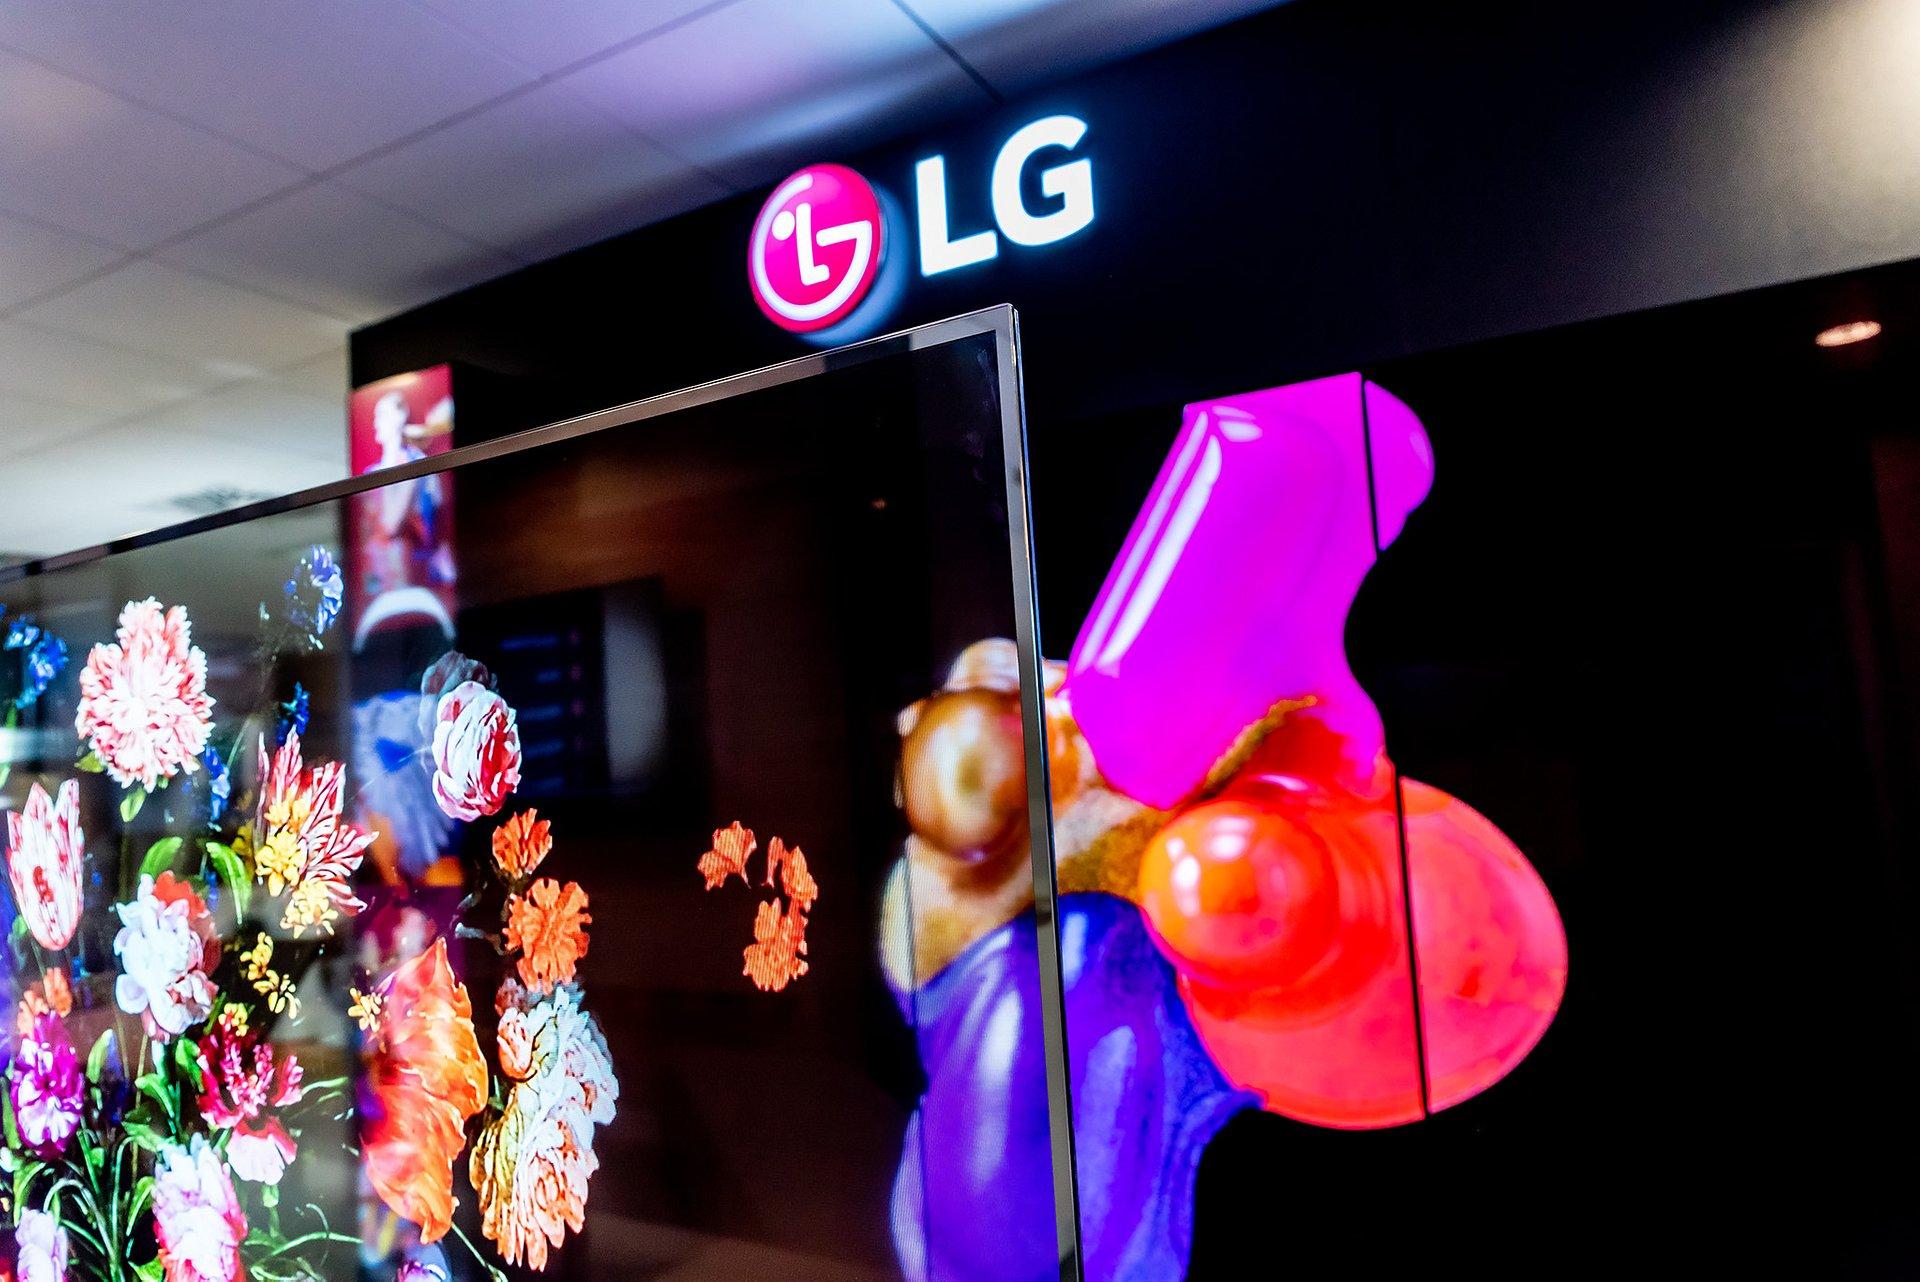 Transparentna przyszłość - innowacyjny T-OLED LG jest już w Polsce